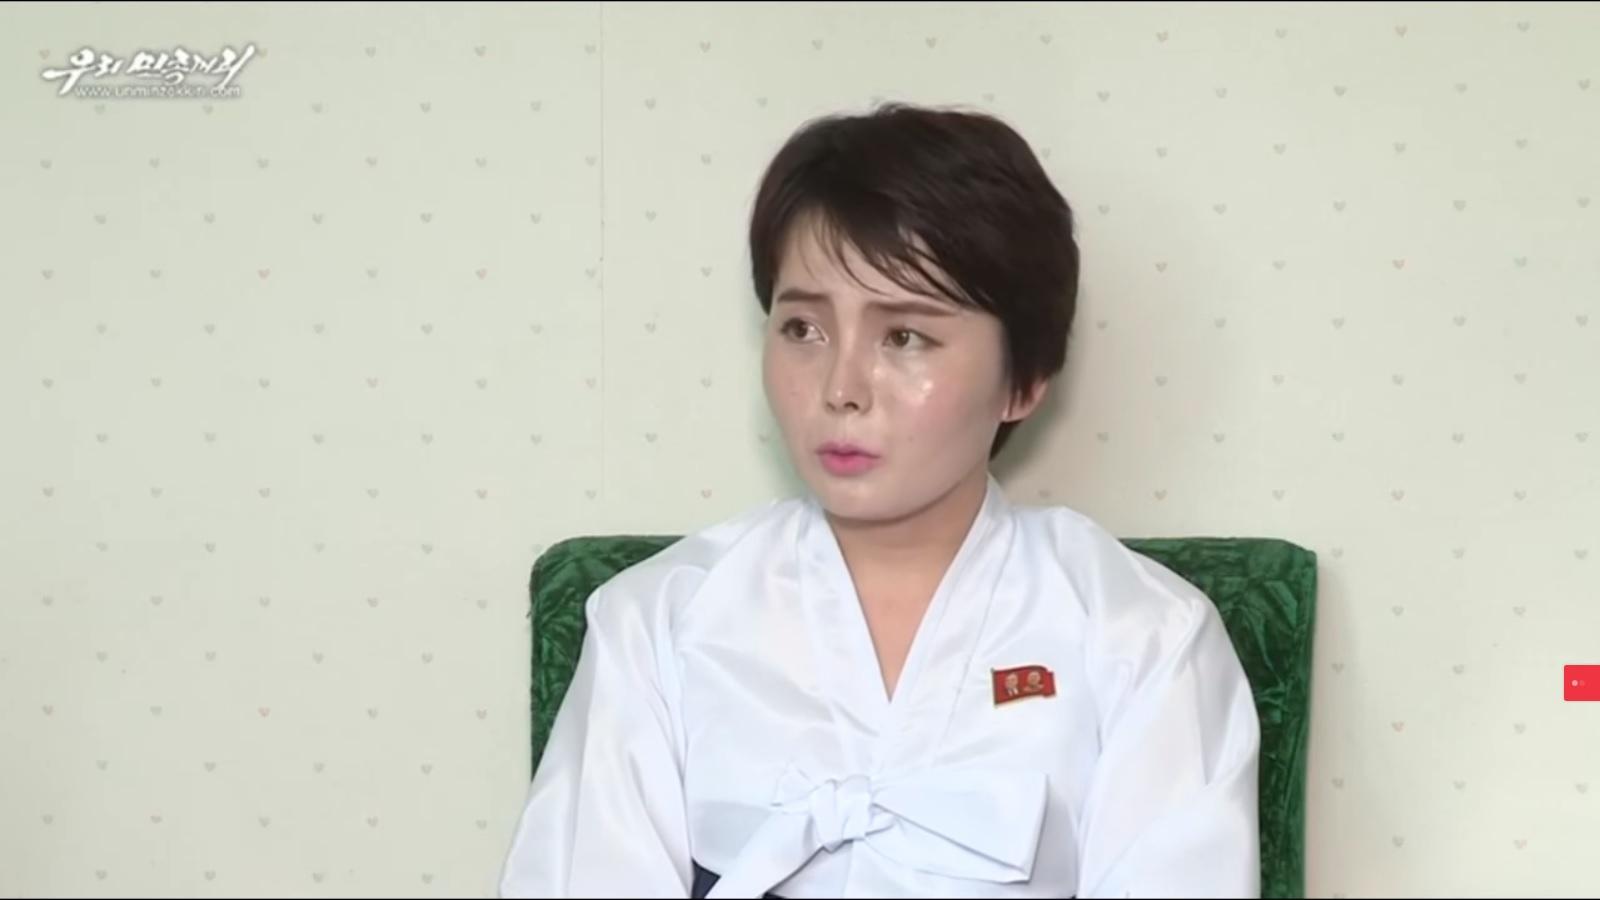 Thành ca sĩ nổi danh ở HQ, cô gái Triều Tiên vẫn quay về nước - ảnh 1